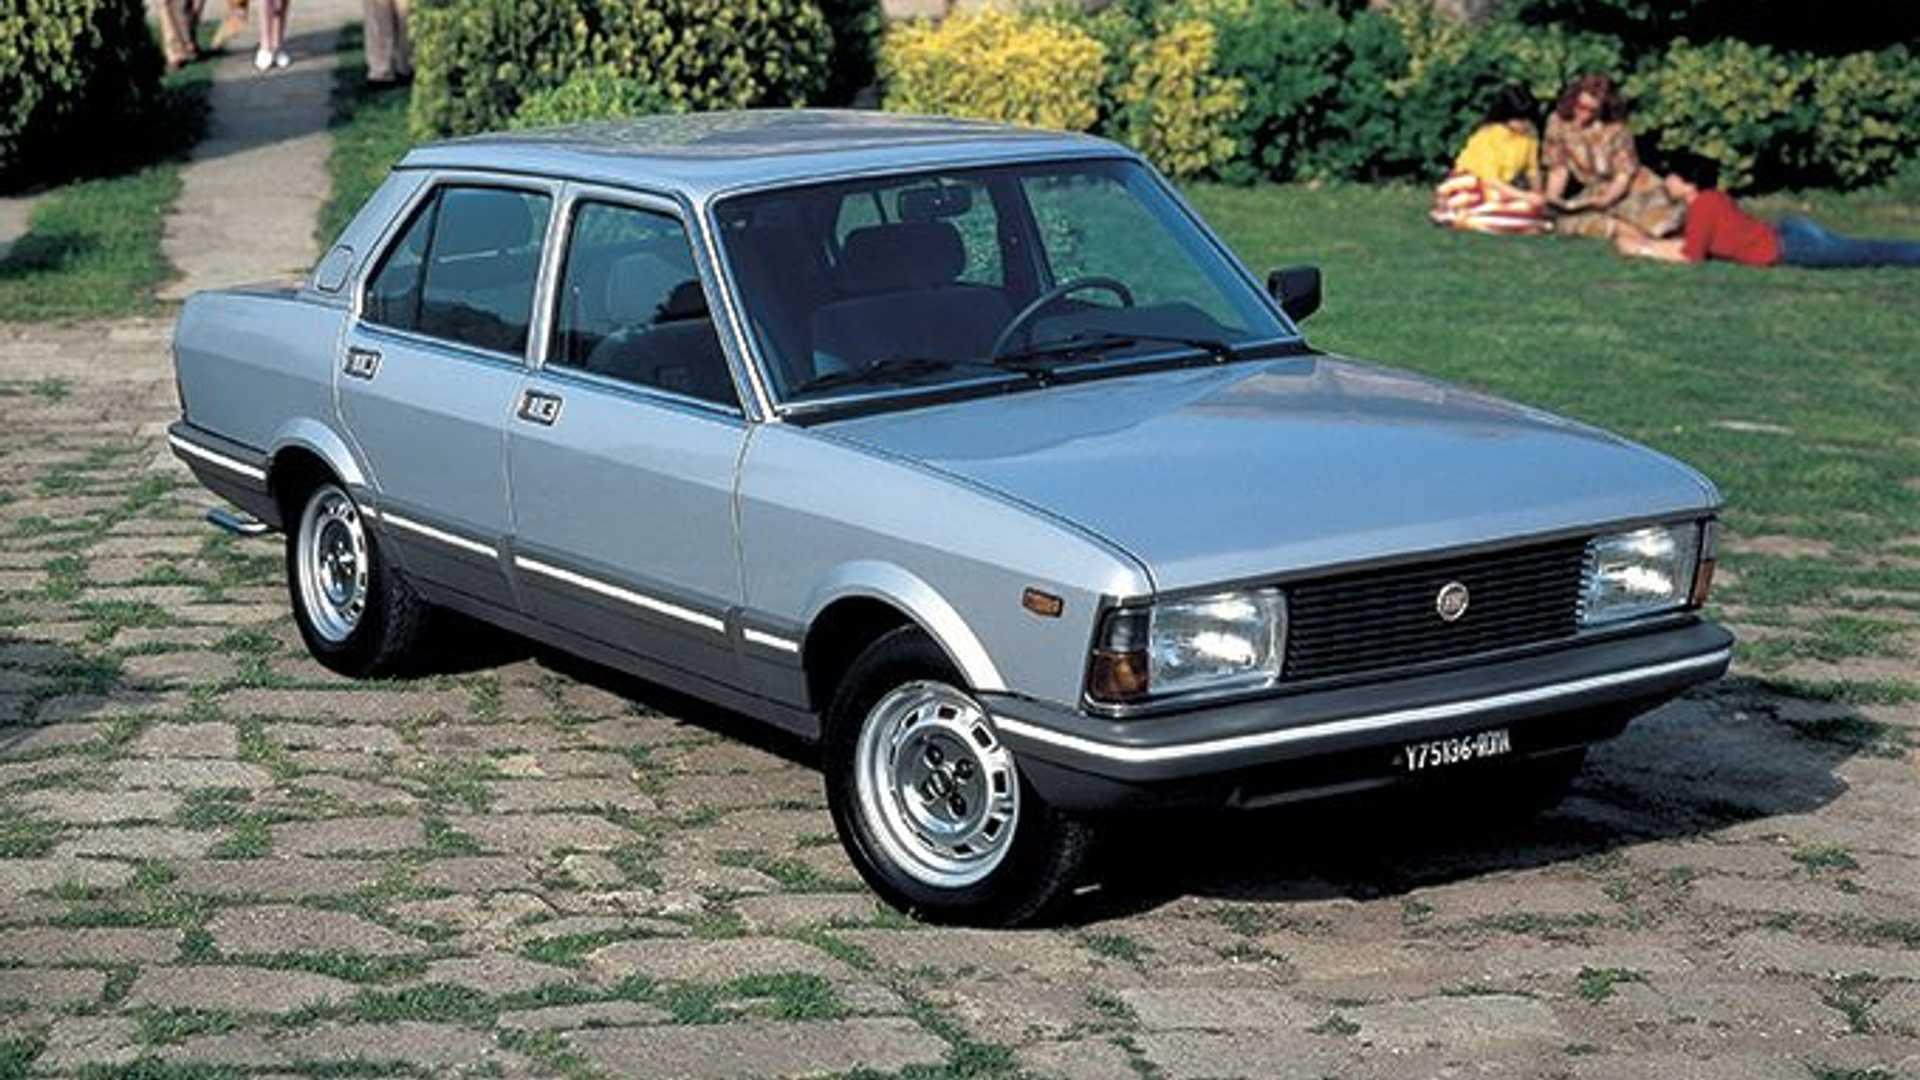 https://cdn.motor1.com/images/mgl/9Y9Wv/s6/fiat-argenta-1981-1985.jpg